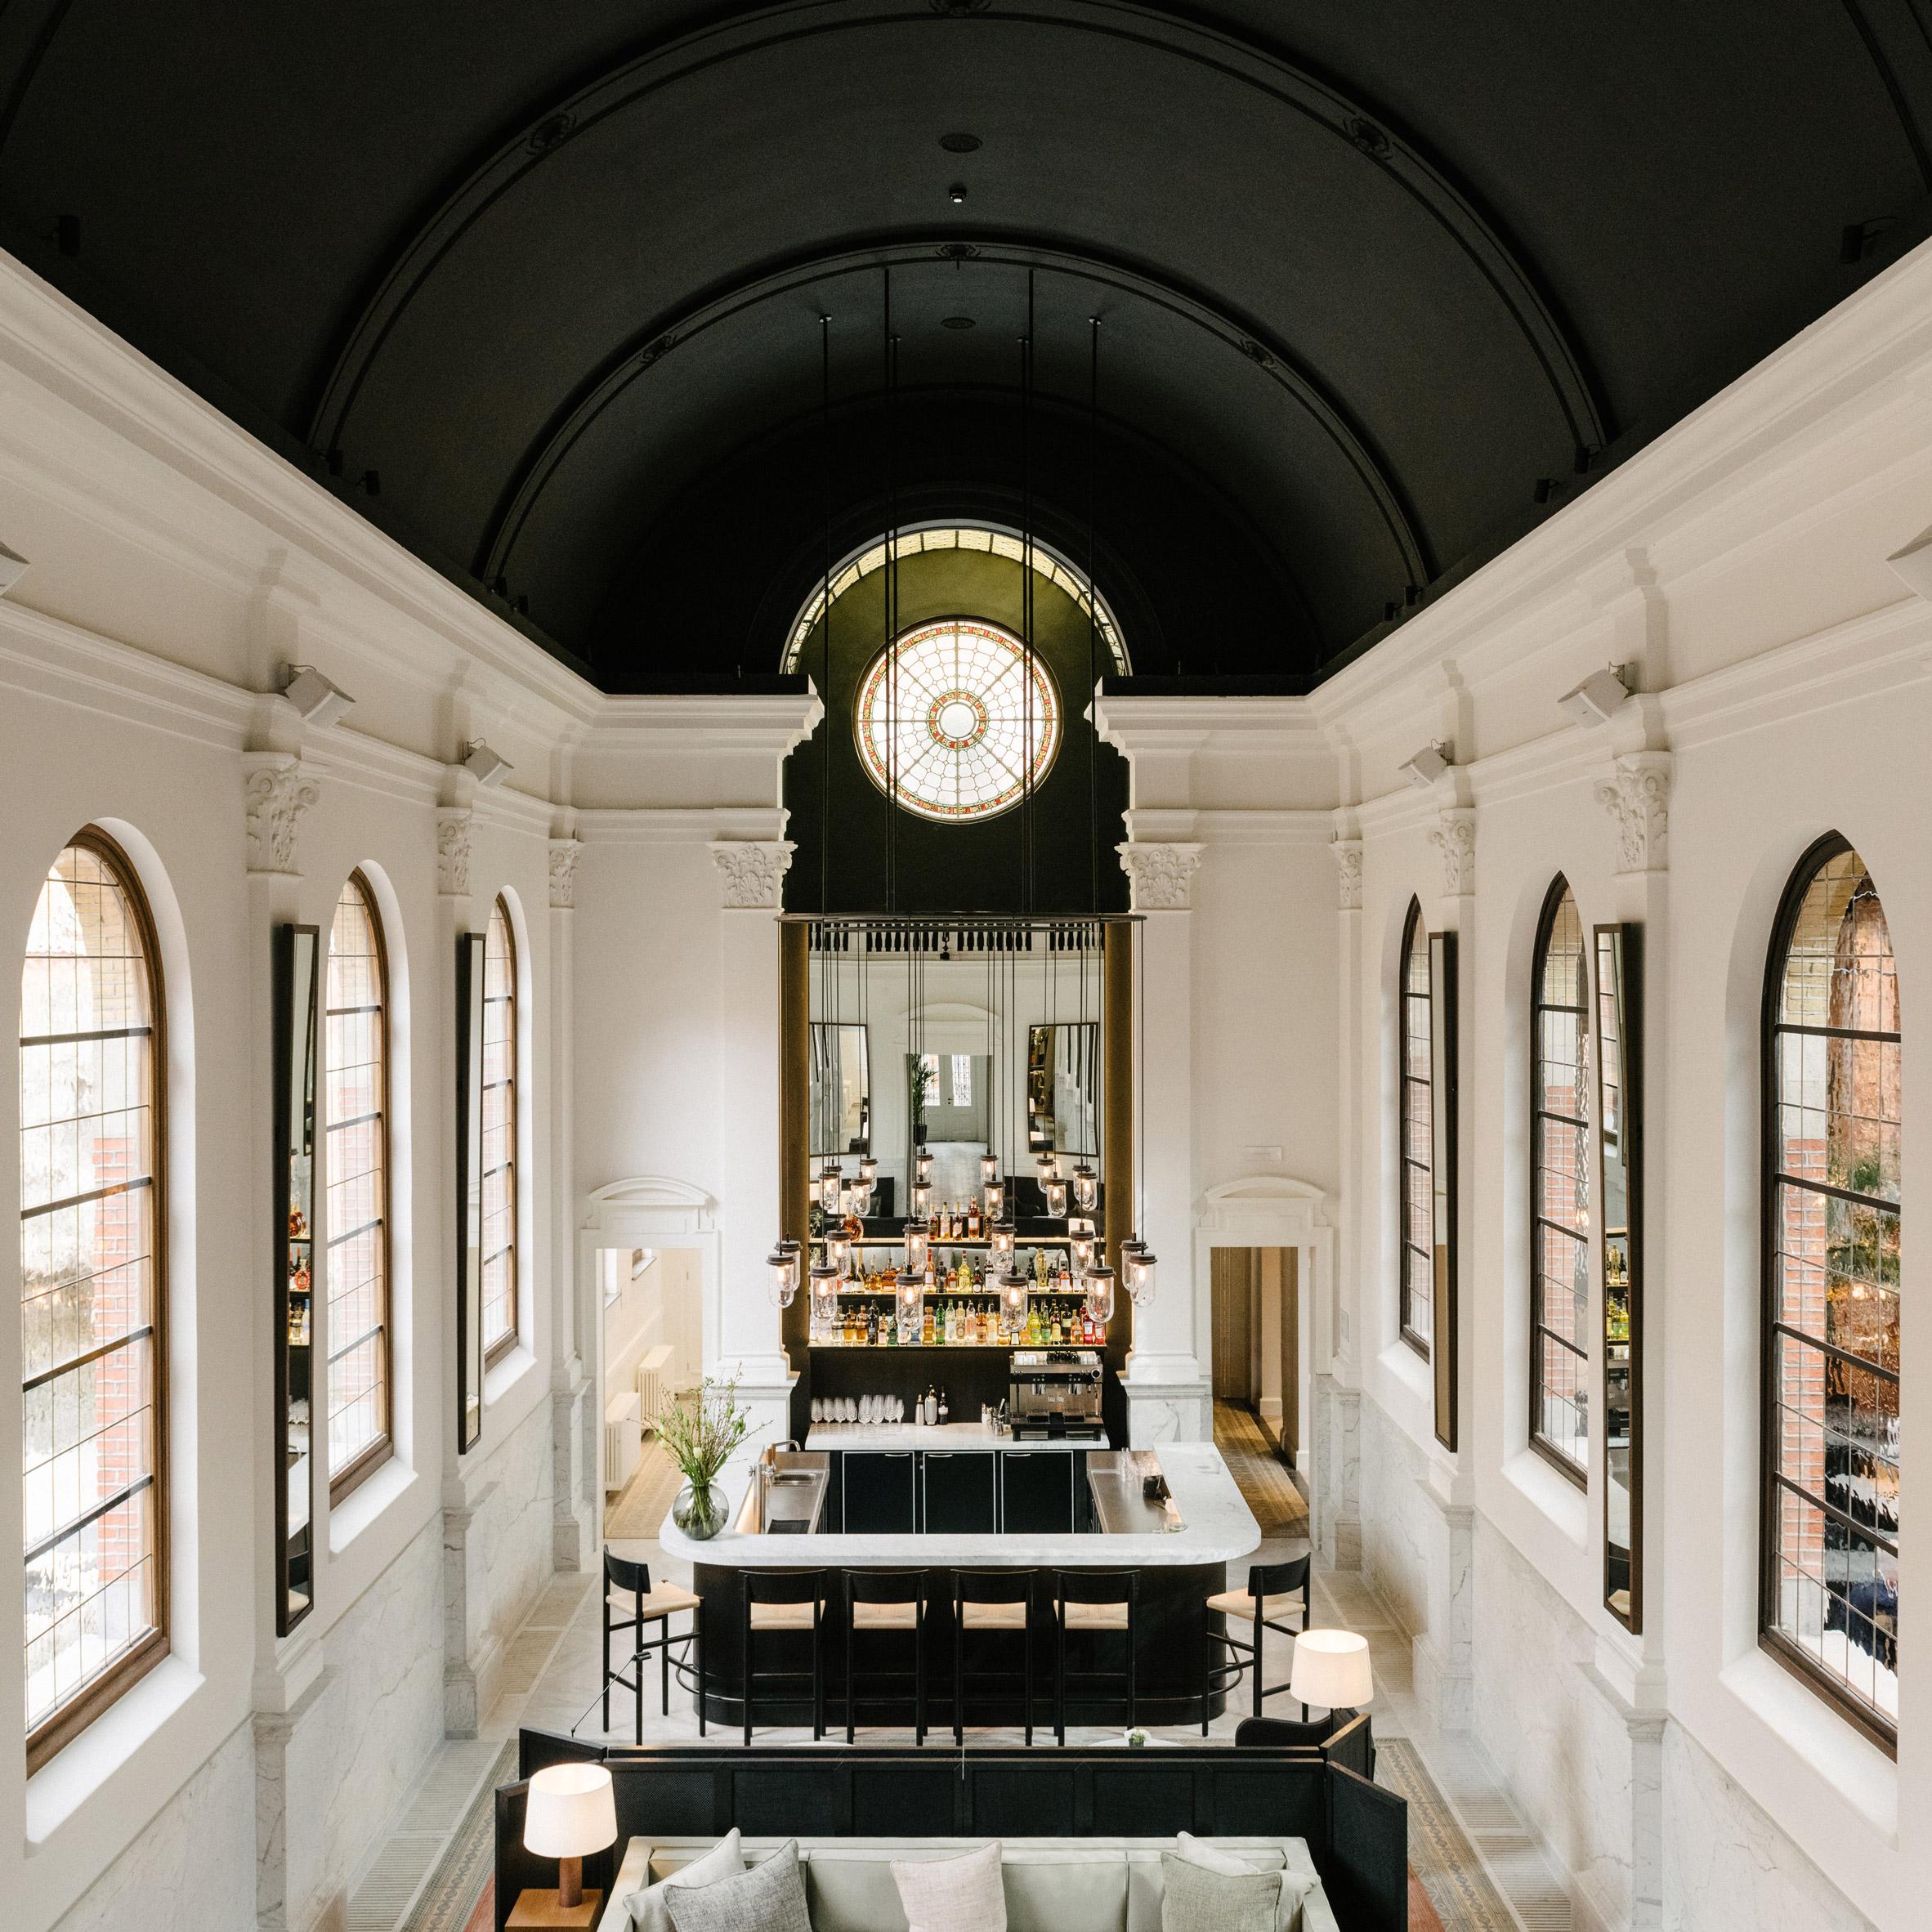 Van Til Design Meubels.Vincent Van Duysen Transforms Convent Into Antwerp S August Hotel